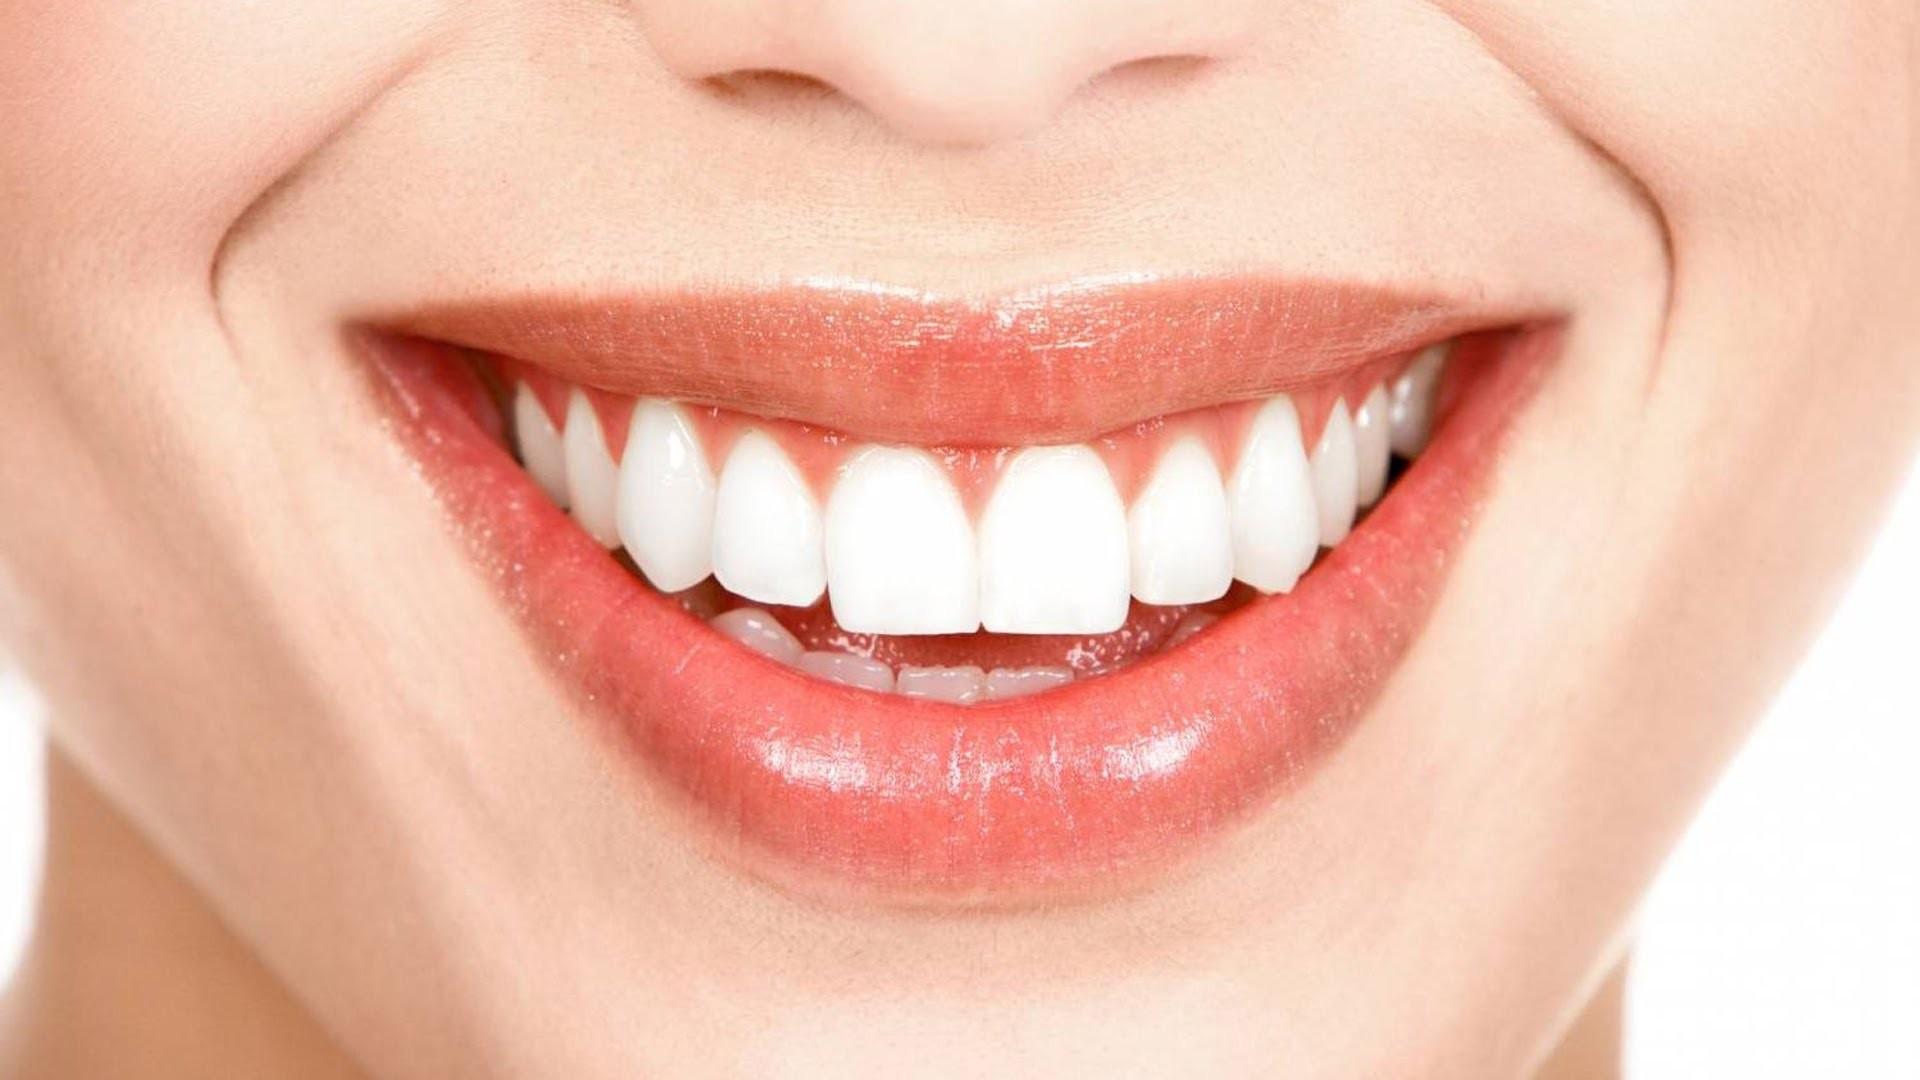 Лекарственное средство отнедуга Альцгеймера помогает восстановить зубной ряд